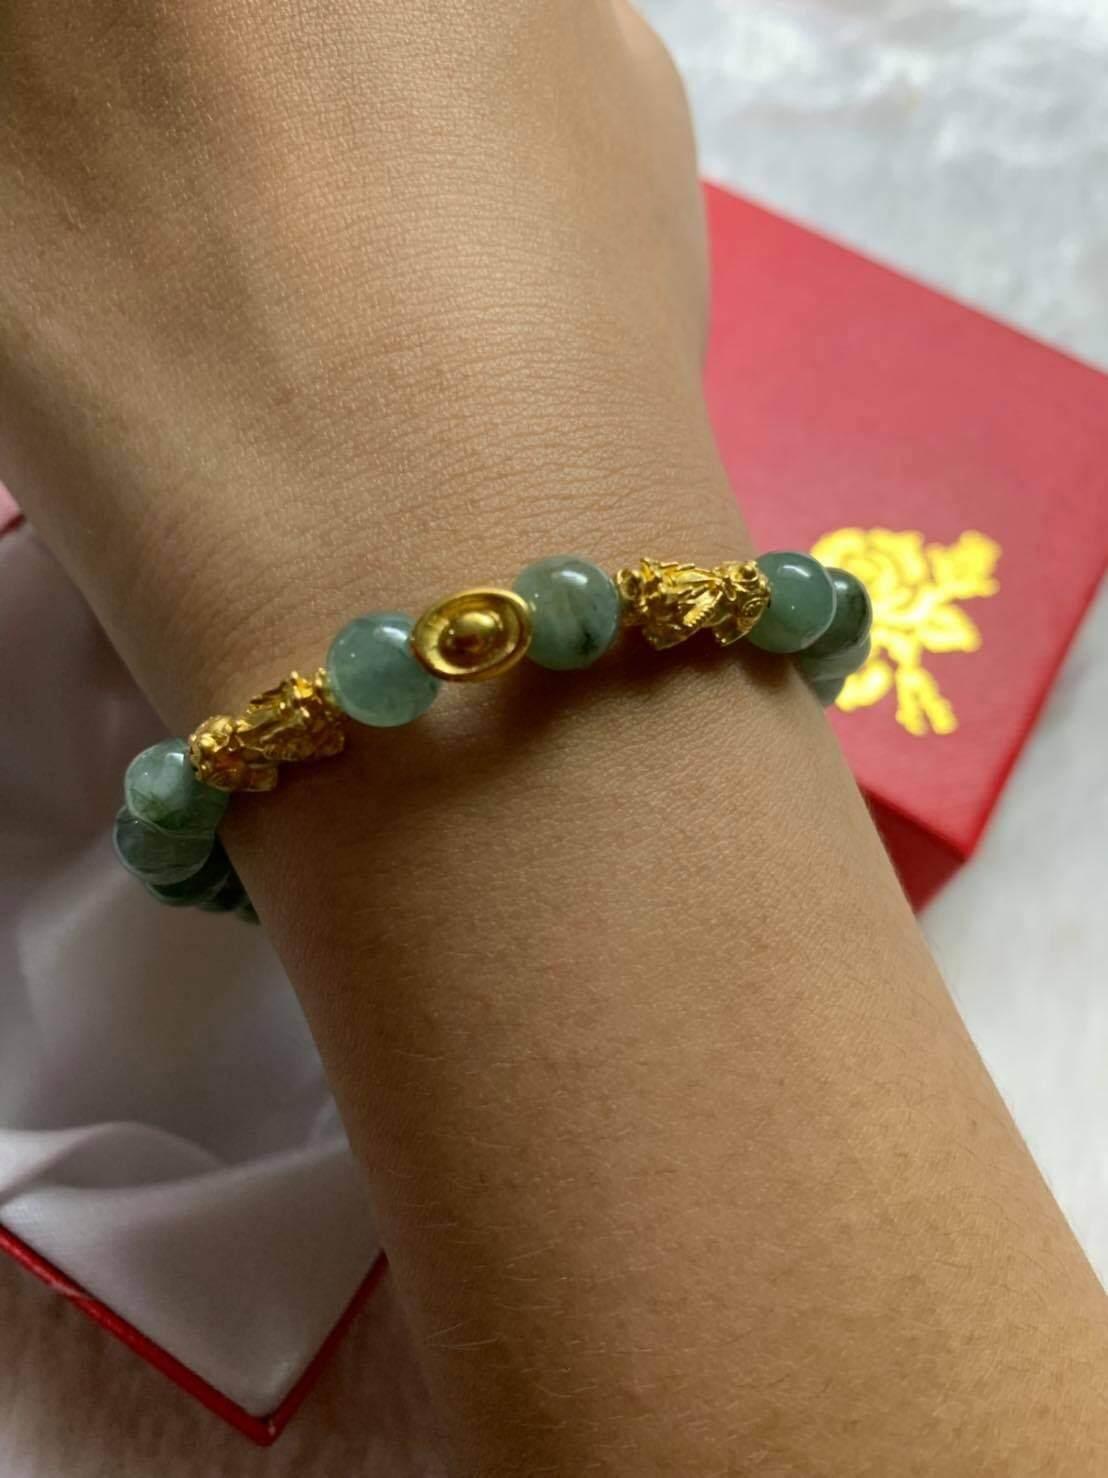 หยกพม่าปี่เซียะคู่ + กิมตุ้ง ทองแท้ 99.99% มีใบรับบประกัน(ปลุกเสกแล้วจากฮ่องกง) By Jinda Gold.